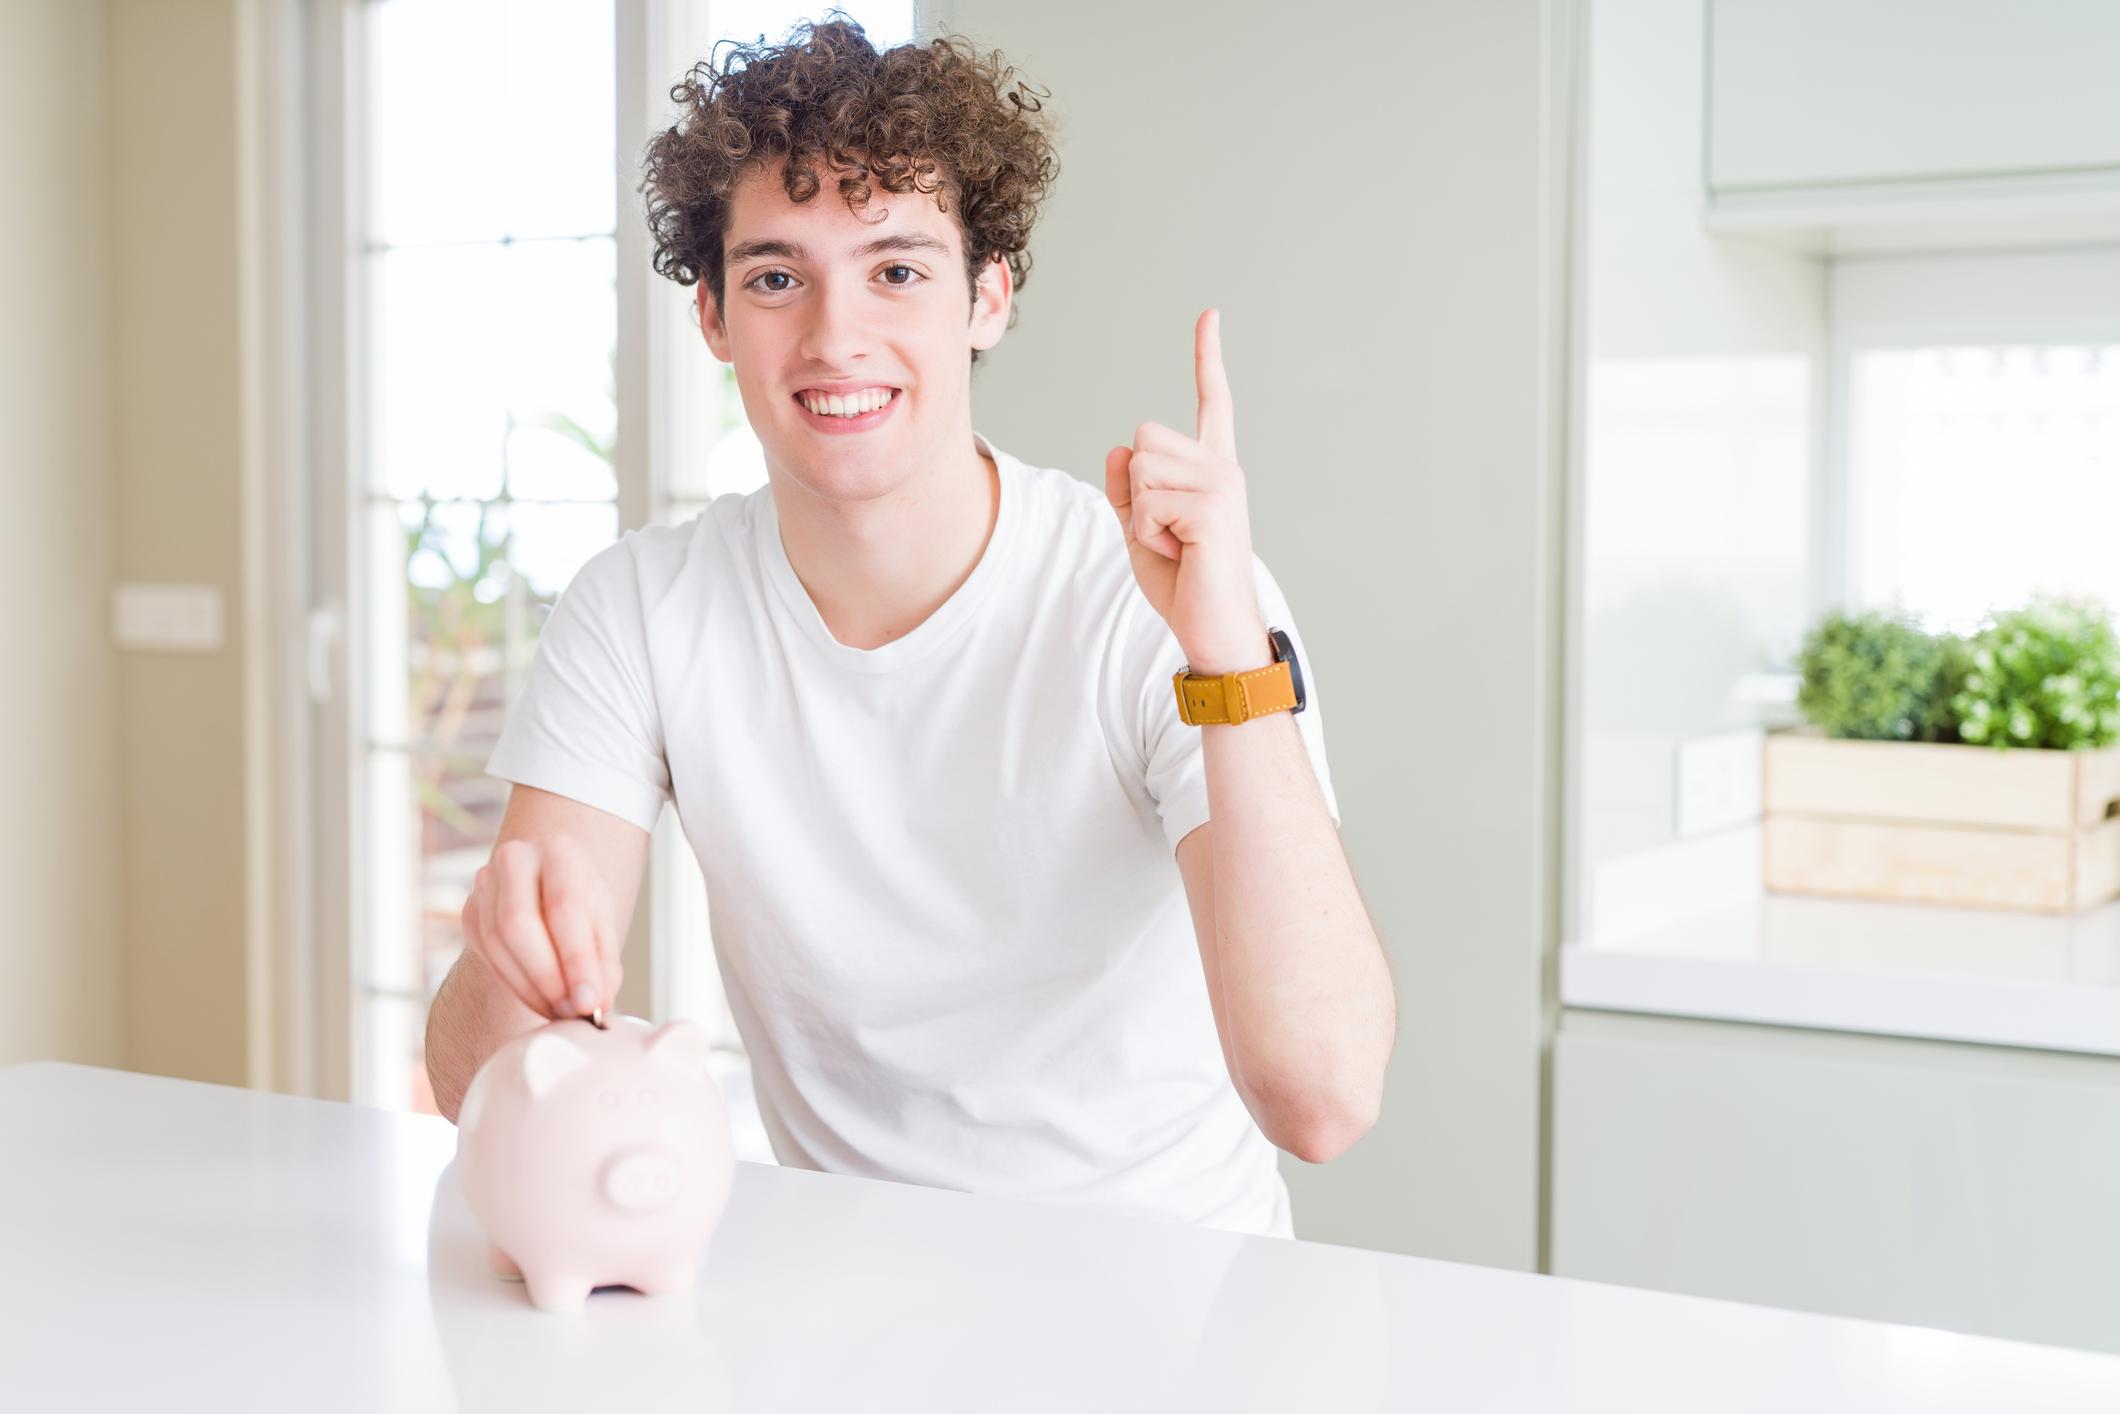 Verantwoord beleggen jongeren